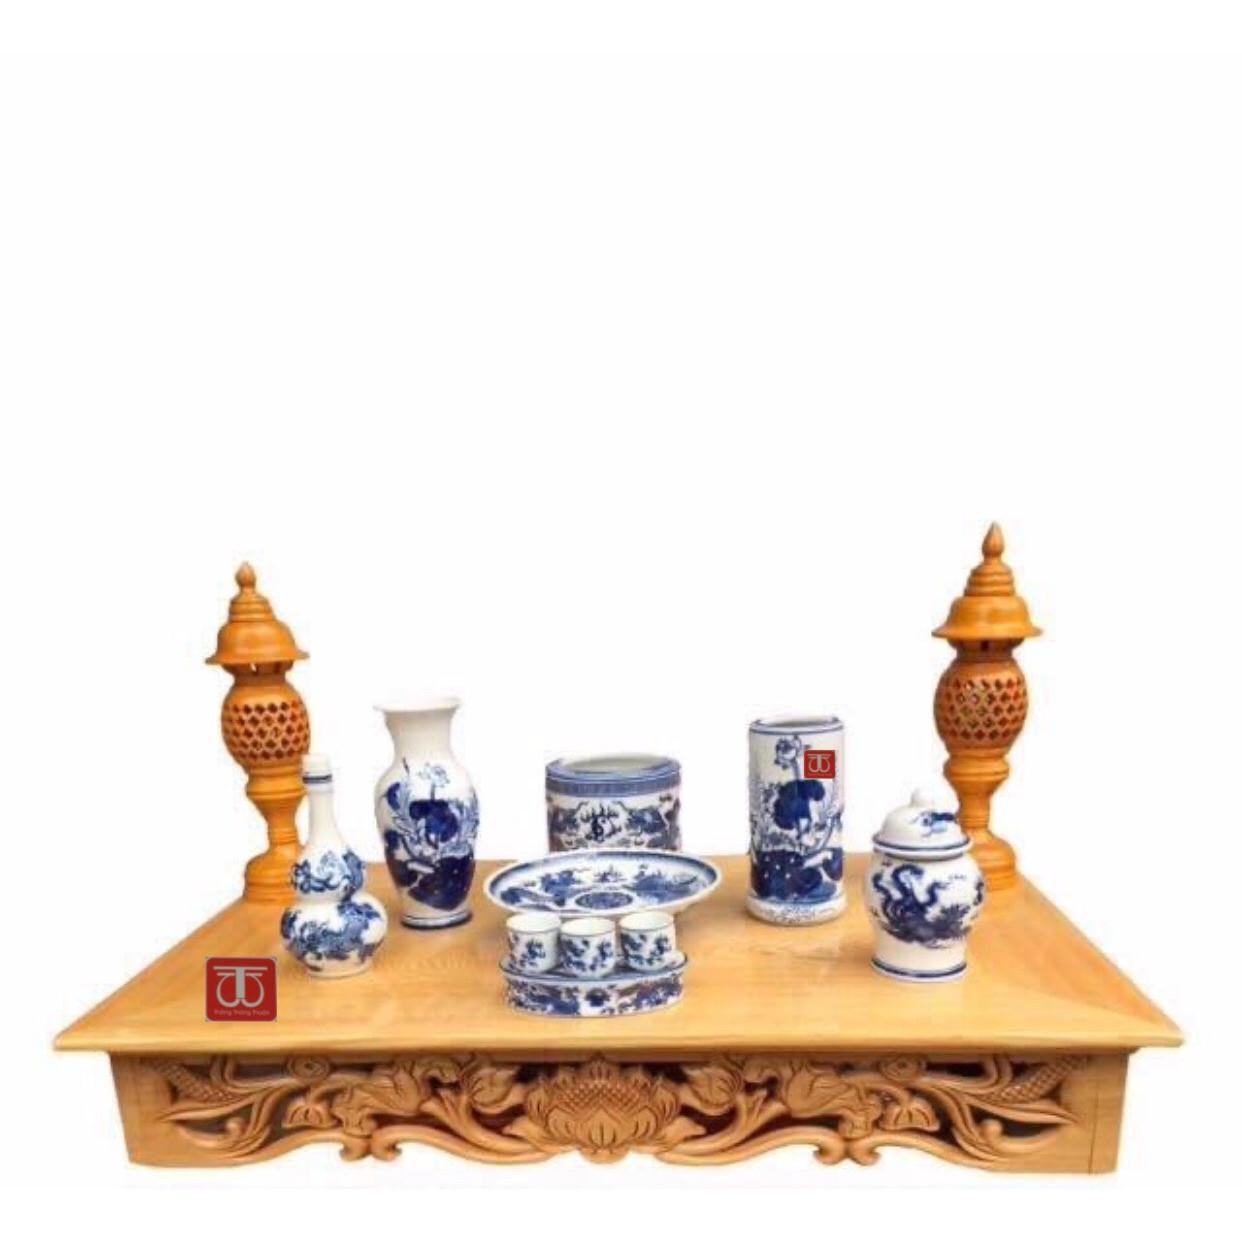 Combo bộ bàn thờ treo tường gỗ PM và bộ bát nhang thờ Thổ Công bằng sứ bao gồm đèn thờ và bộ đồ thờ rồng sen trắng sứ xanh